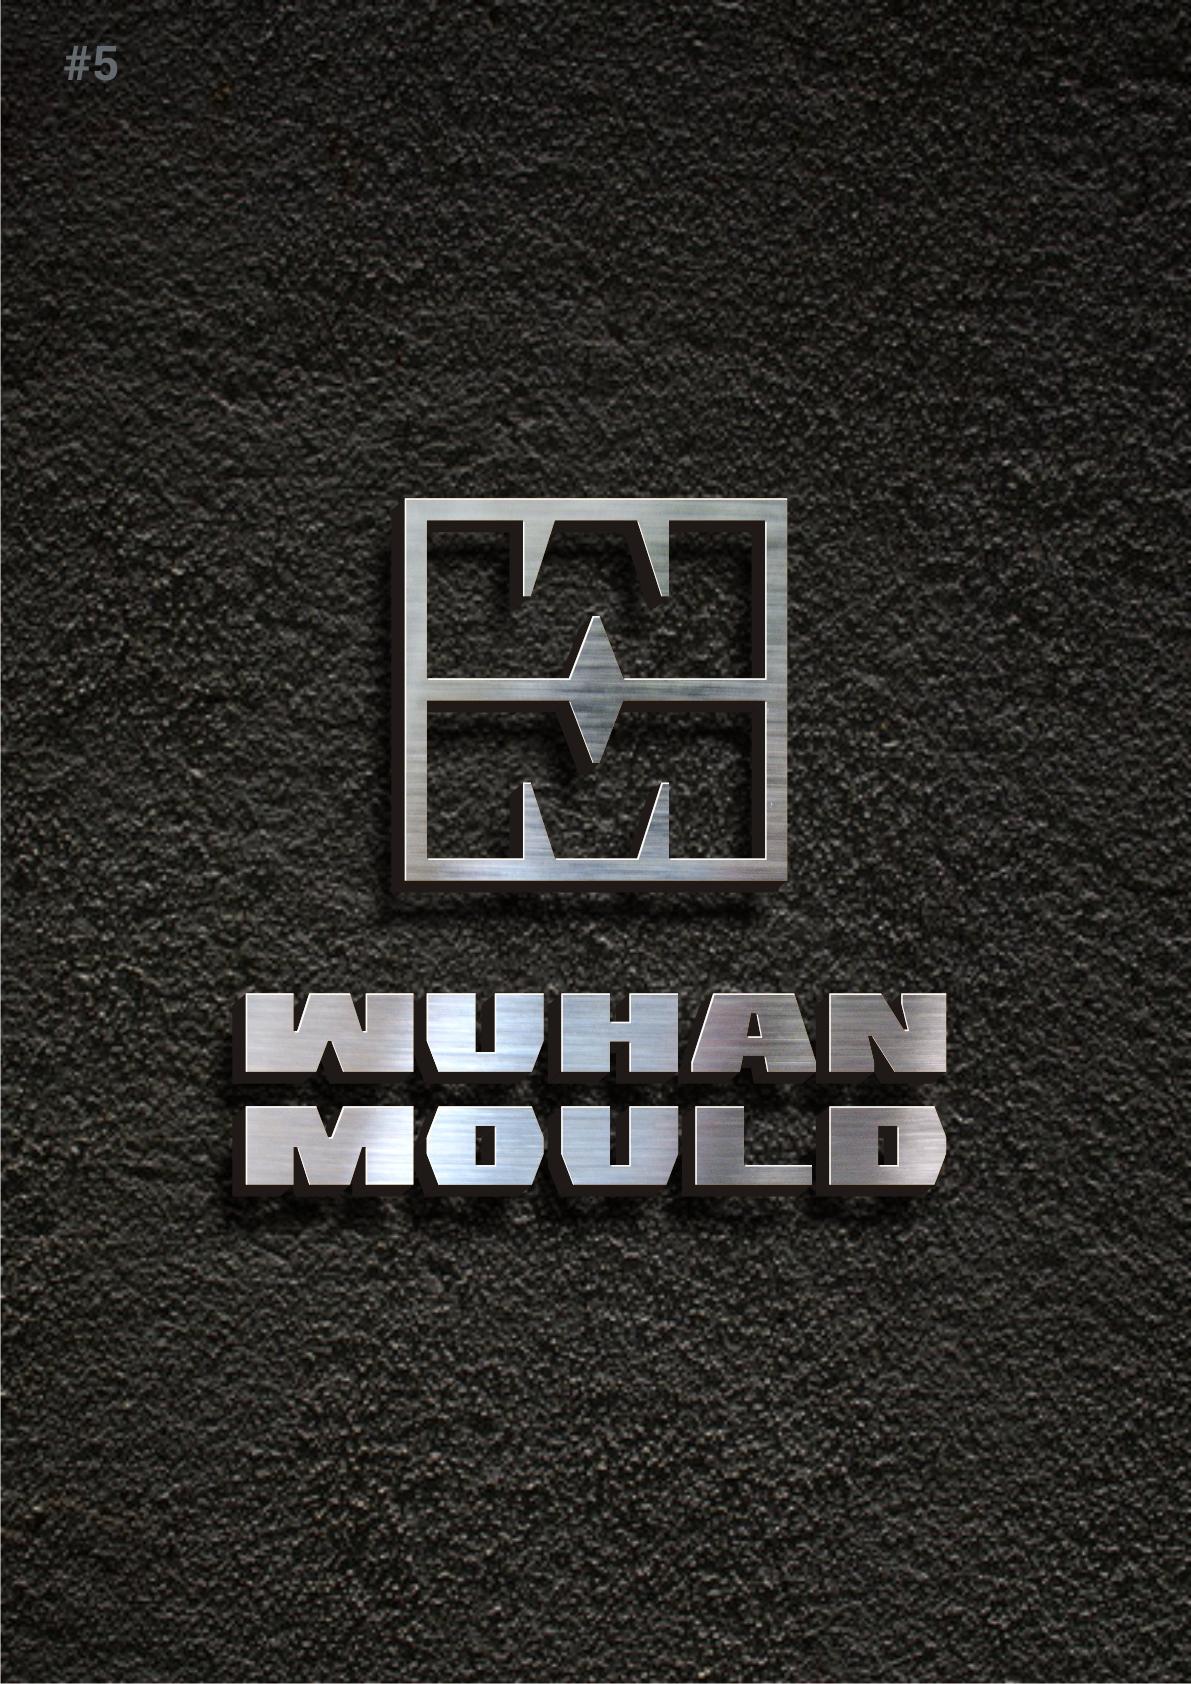 Создать логотип для фабрики пресс-форм фото f_564599a6a754dd42.jpg